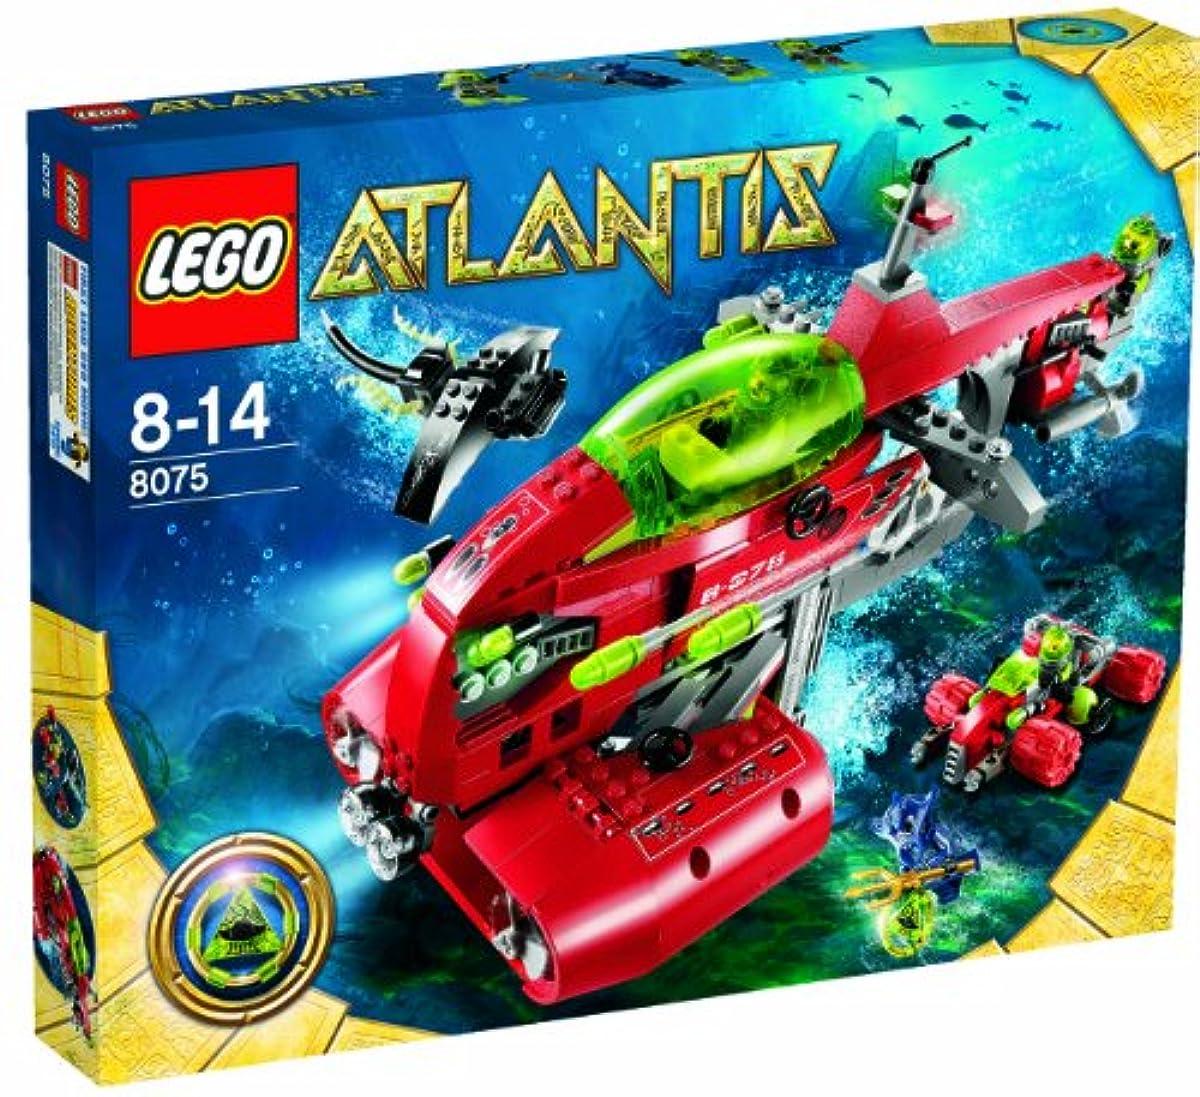 [해외] 레고 (LEGO) 아틀란티스 넵튠(Neptune)캐리어 8075 (2010-03-16)